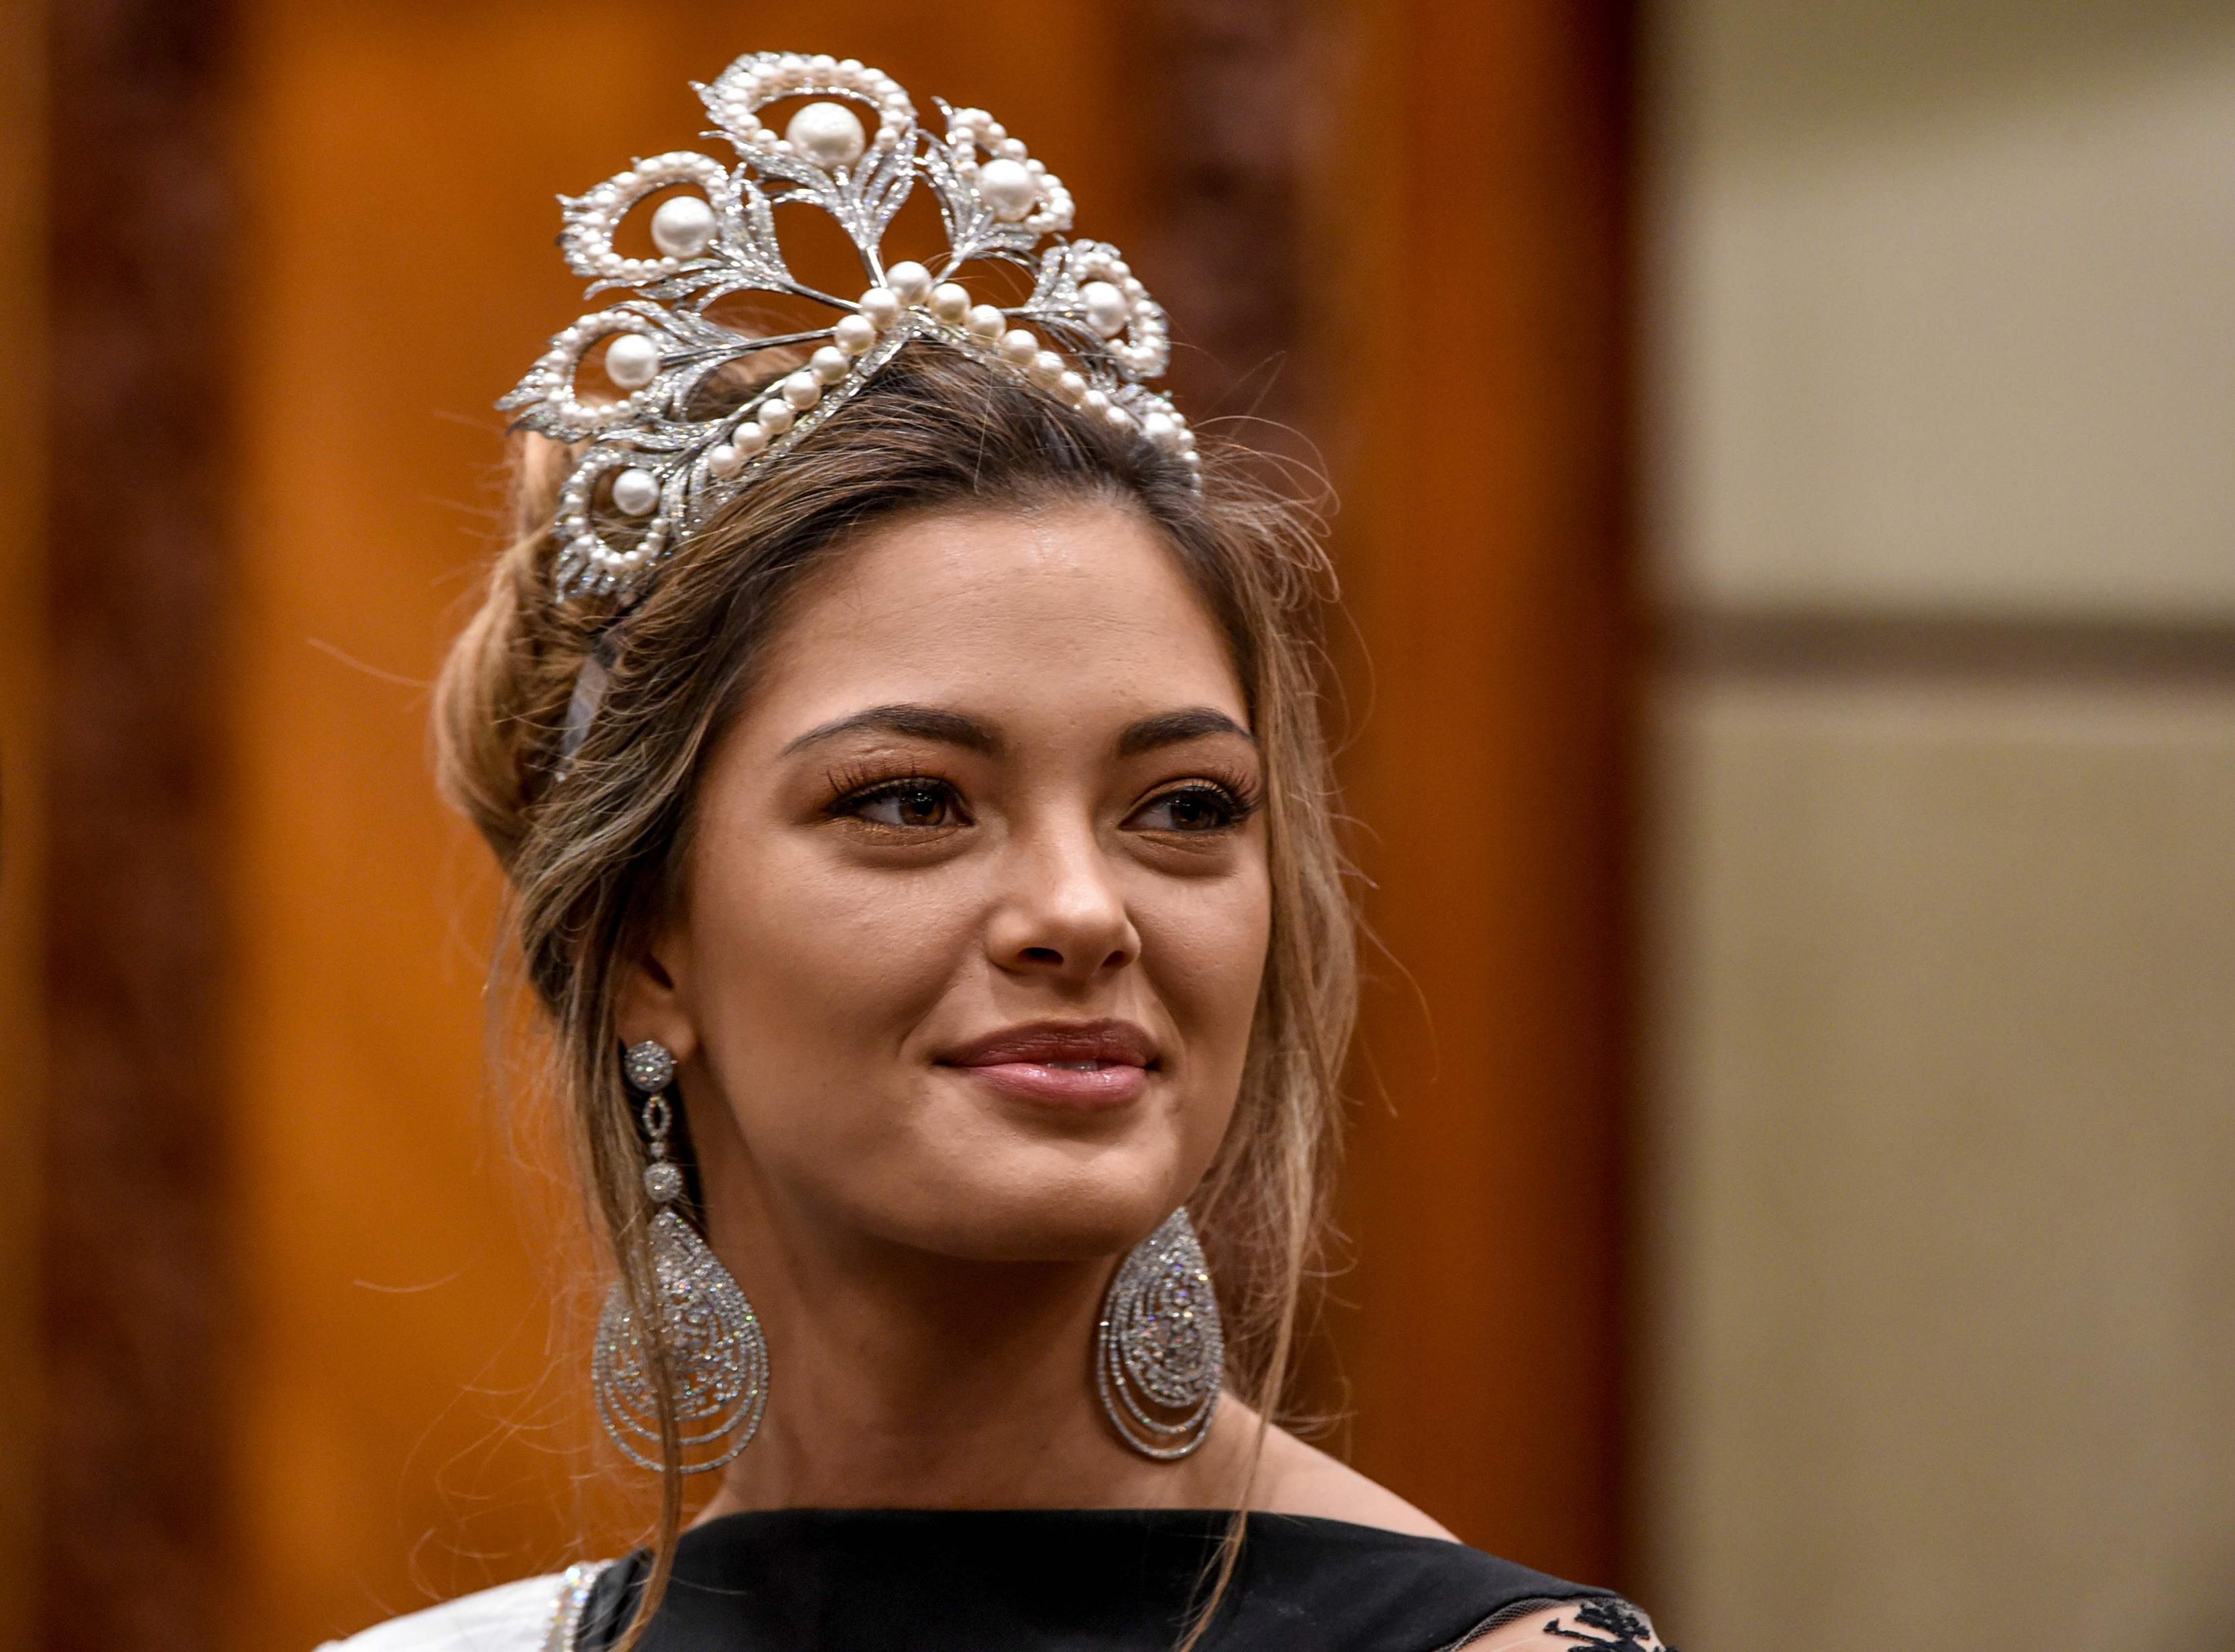 صورة اجمل نساء العالم 2019 , ملكات جمال العالم 2019